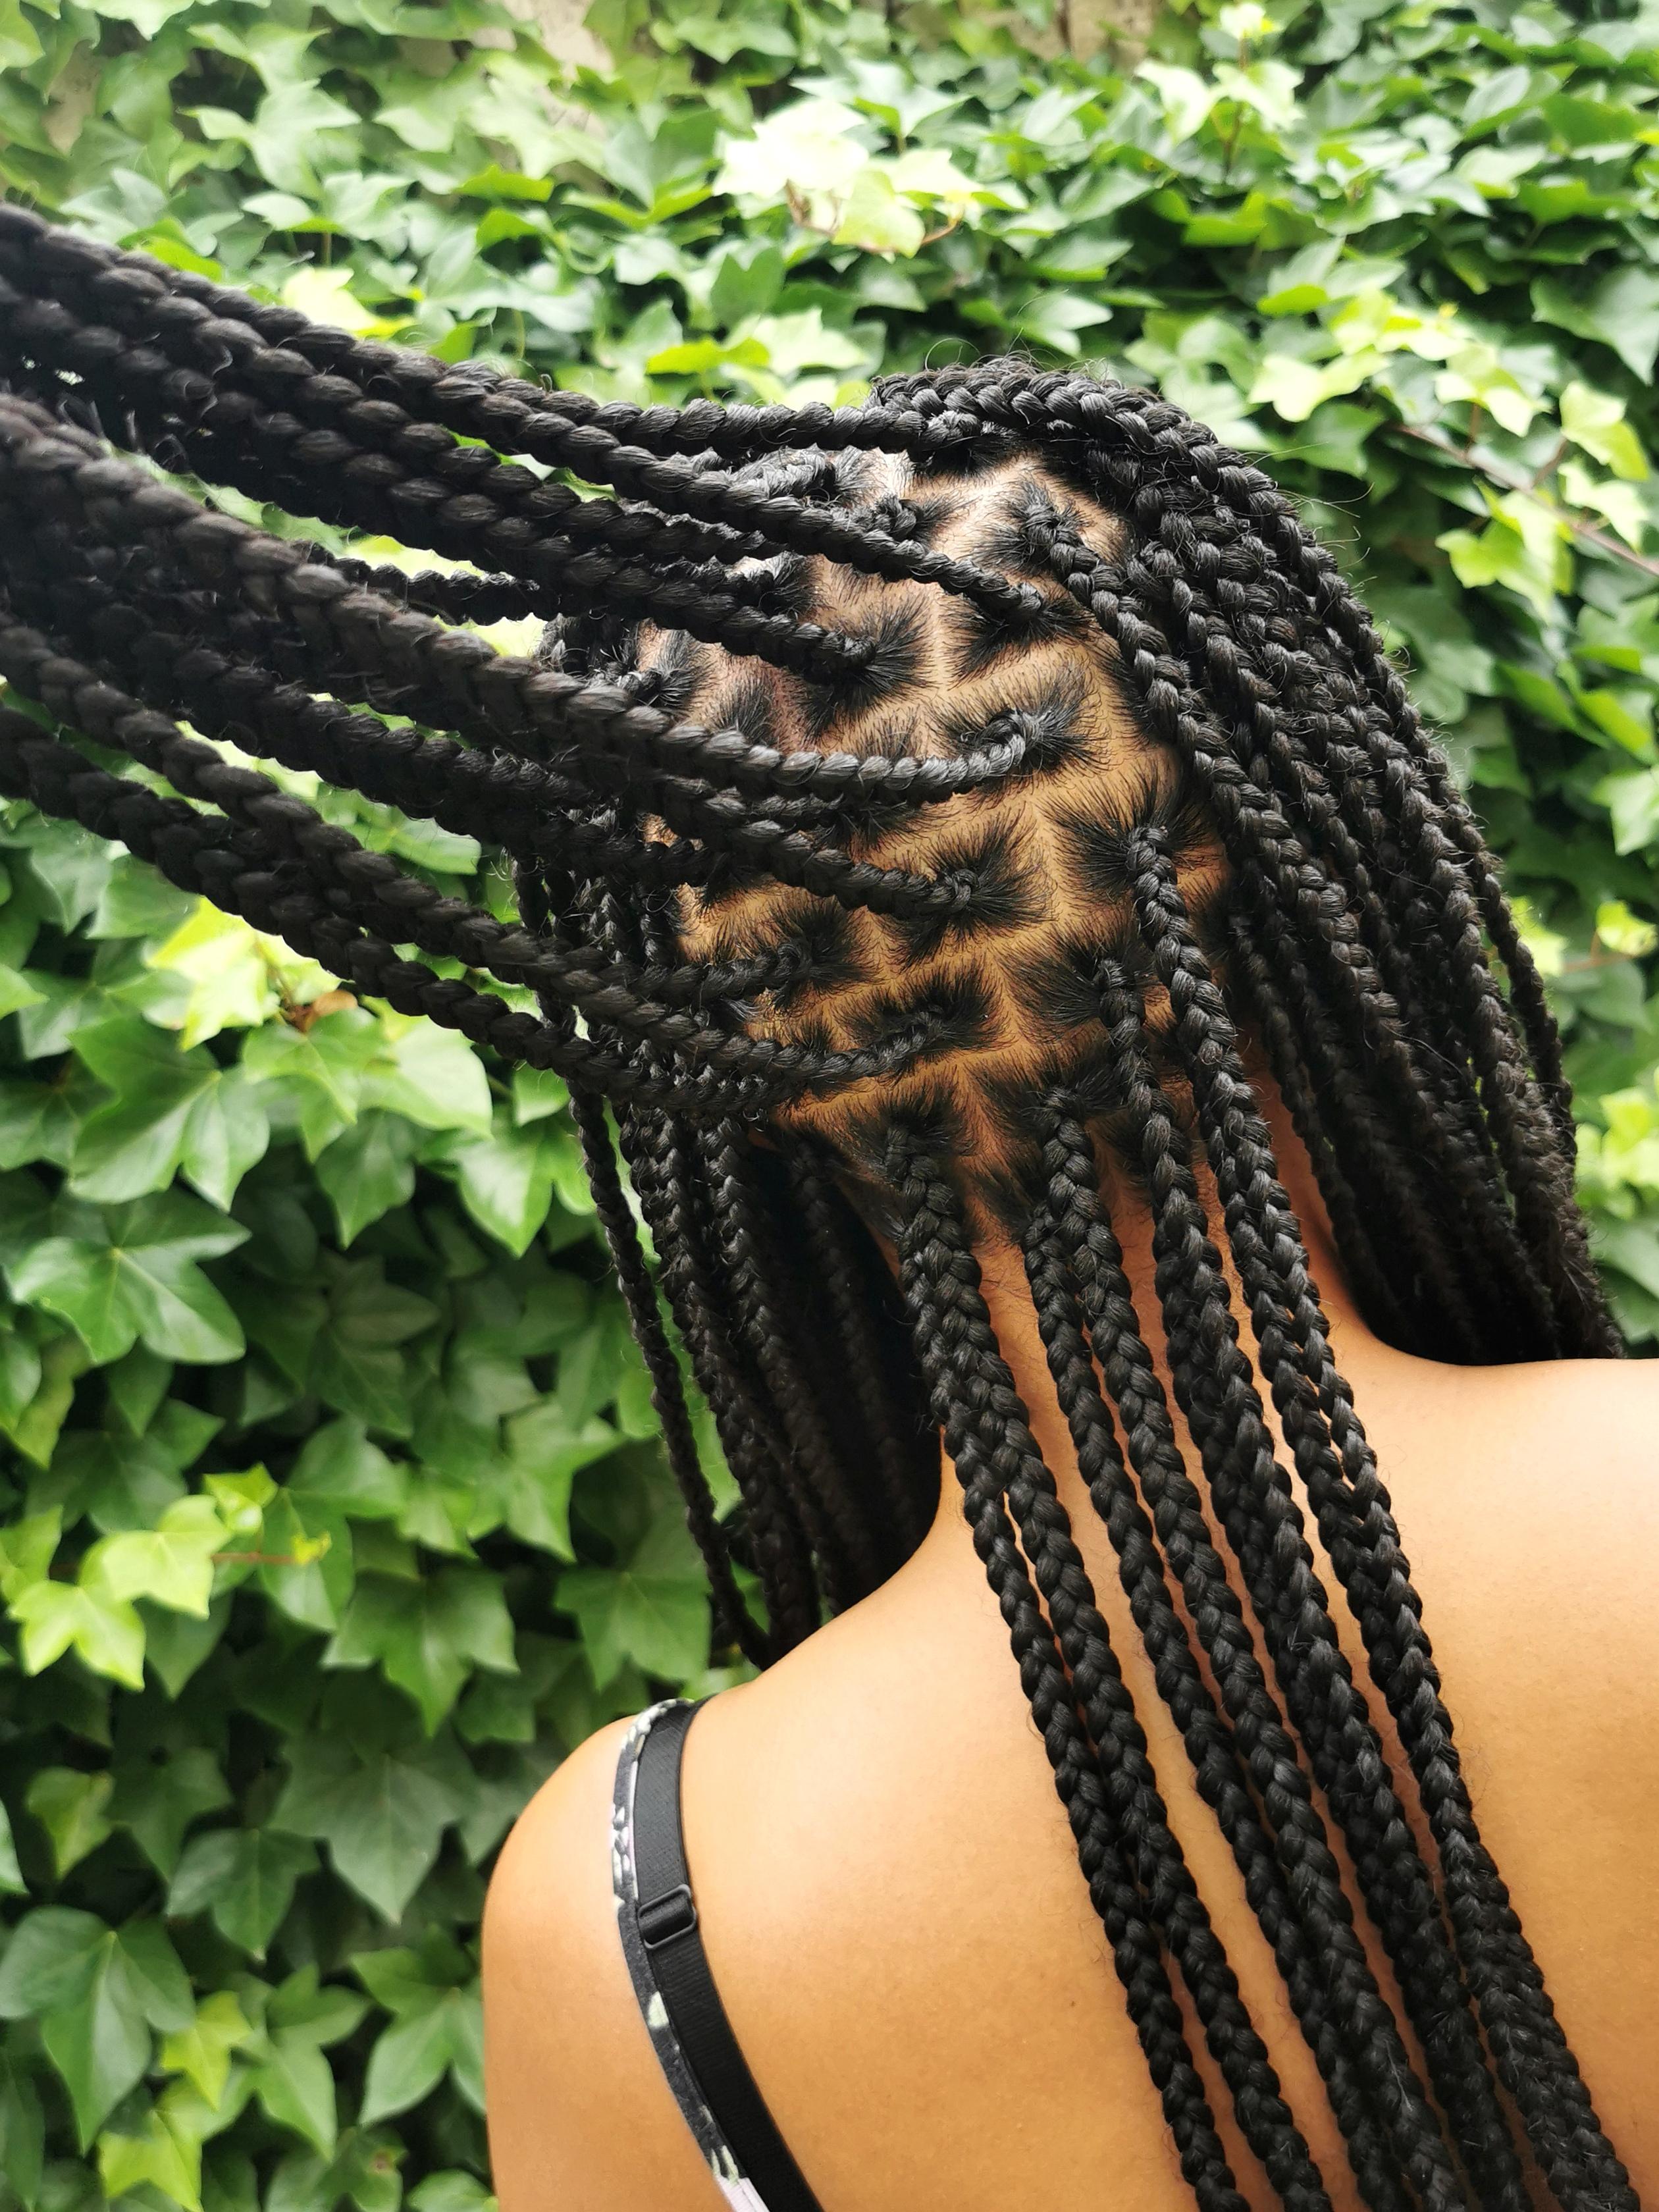 salon de coiffure afro tresse tresses box braids crochet braids vanilles tissages paris 75 77 78 91 92 93 94 95 LSYNFWFG